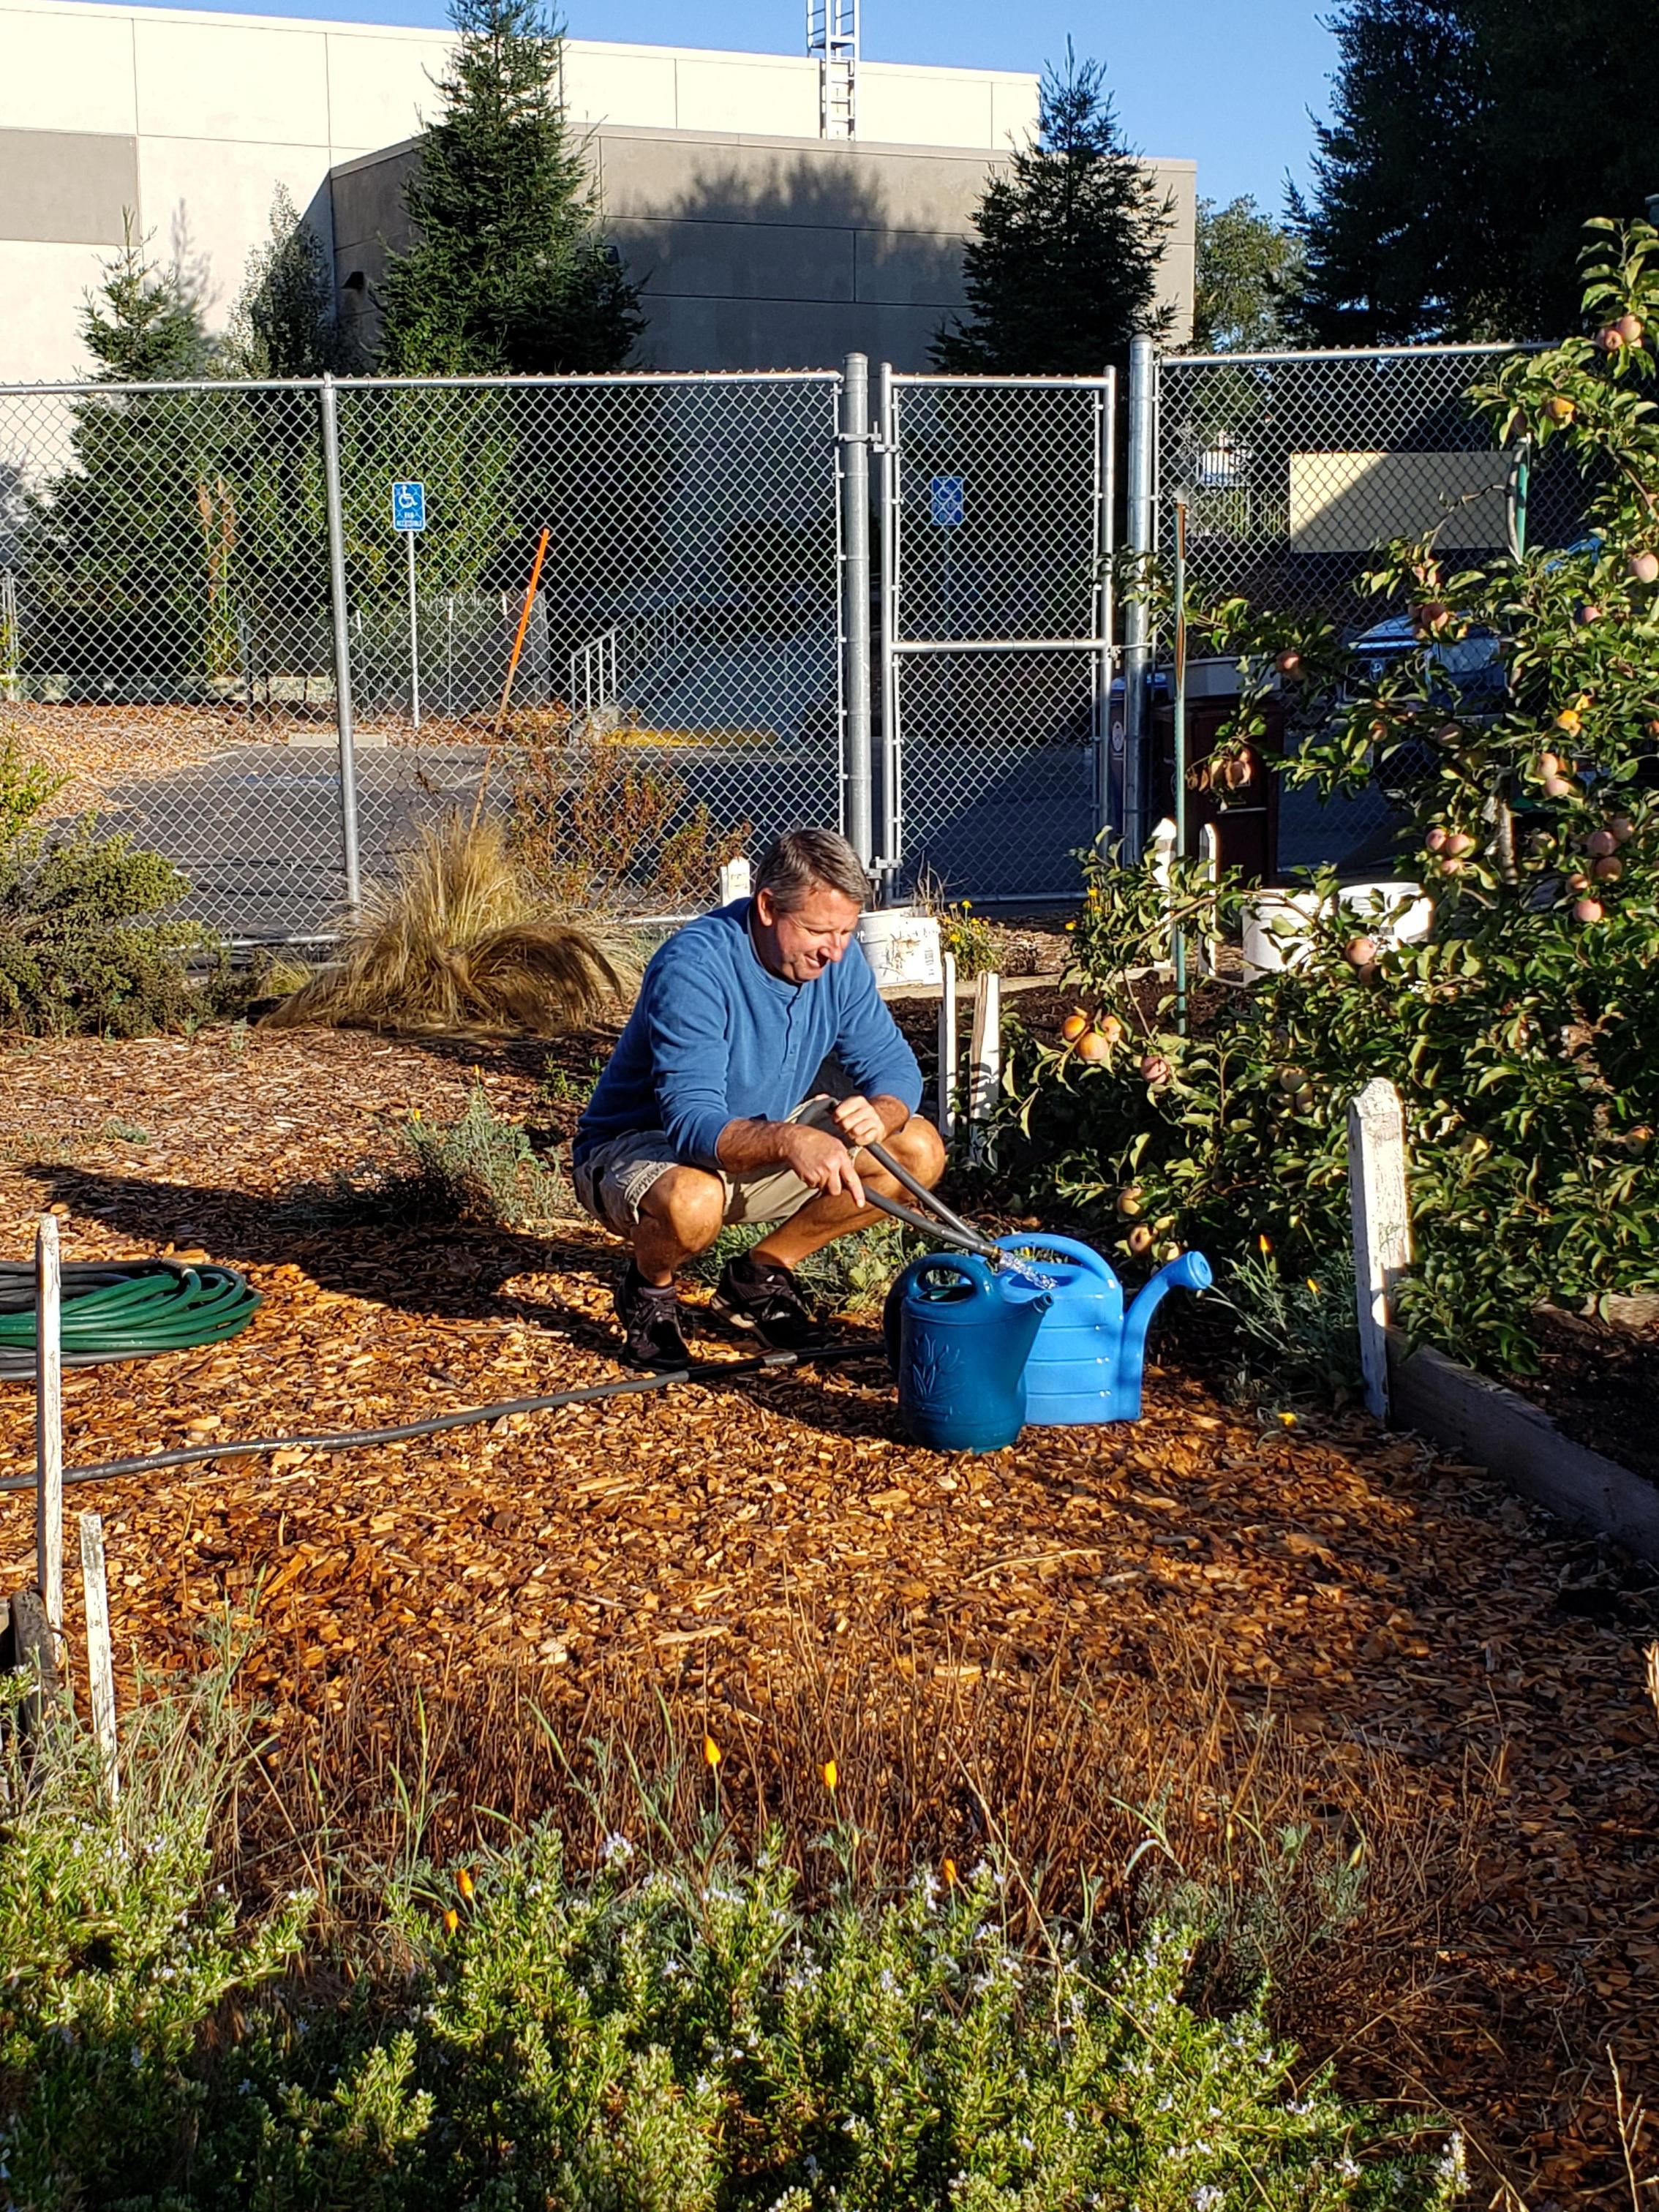 Teacher in garden